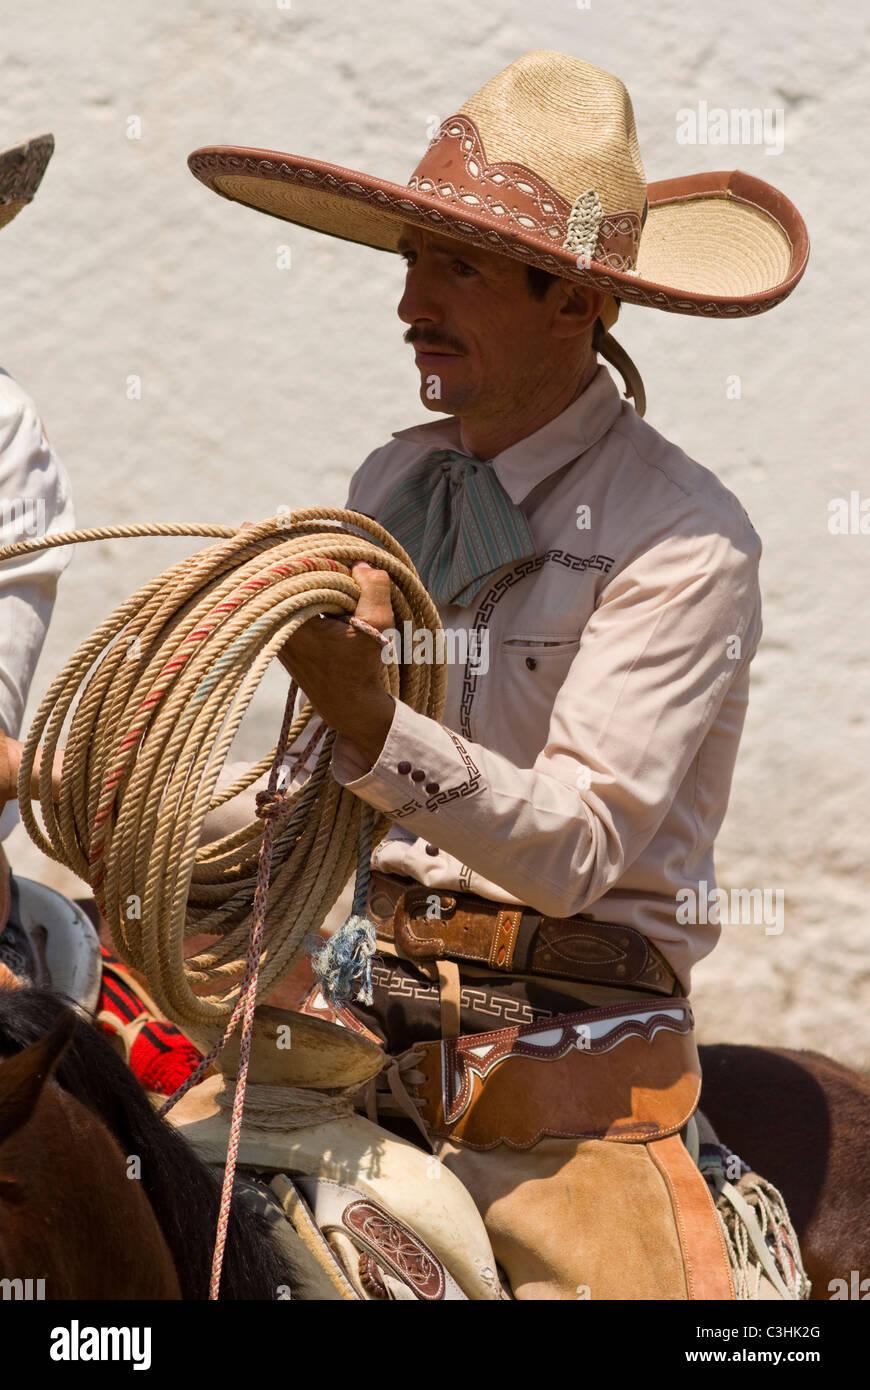 Mexico charros mexican cowboy stock photos mexico charros mexican jpg  870x1390 Mexican cowboy sombrero 88eb1d7c387